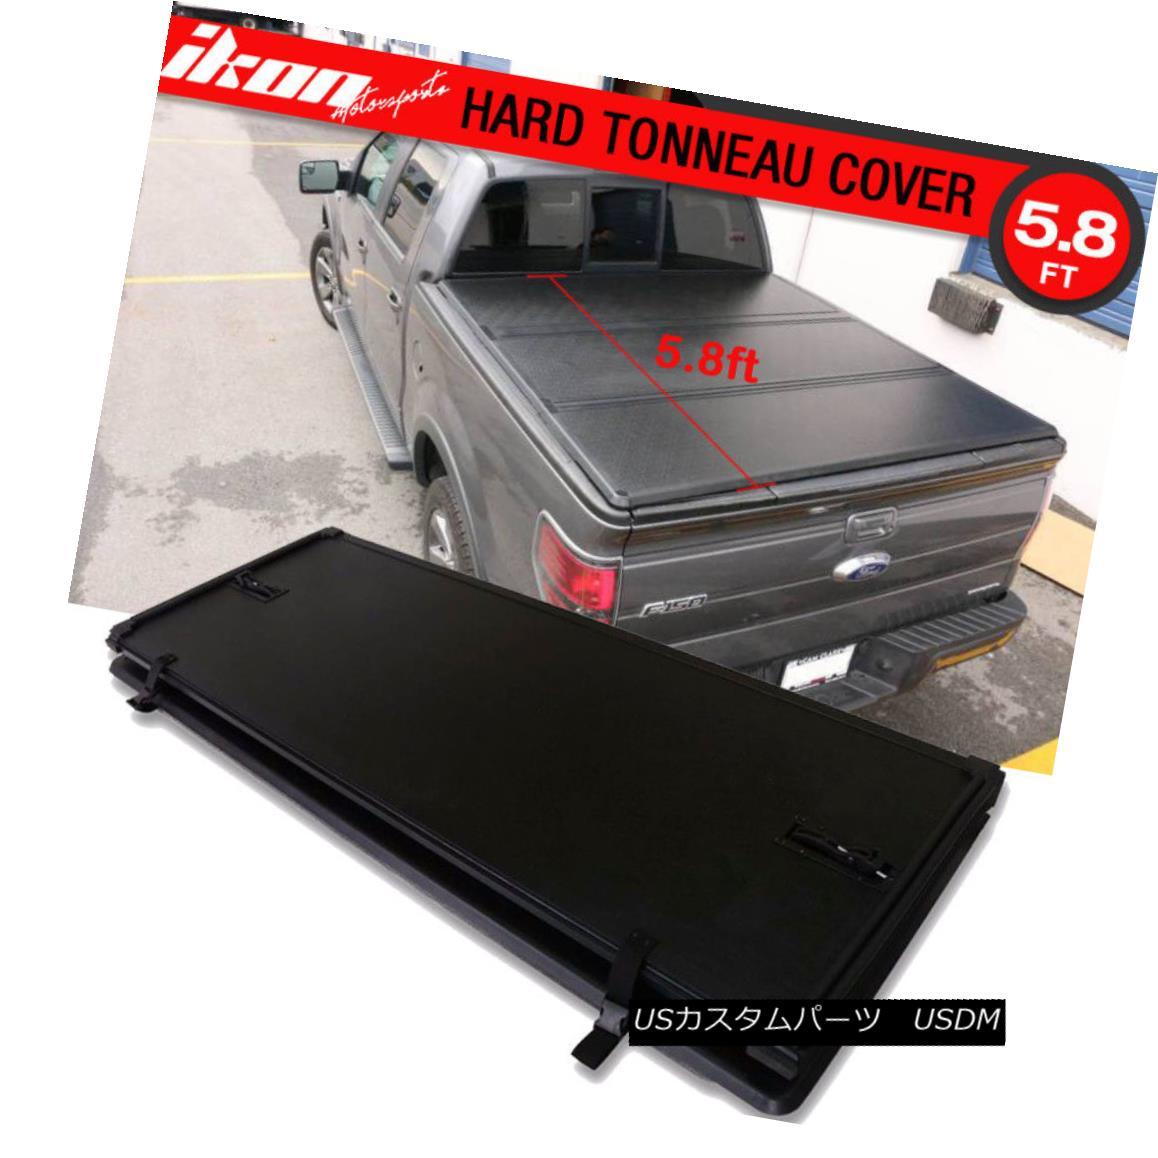 エアロパーツ For 14-17 Silverado Sierra 1500 5.8ft Bed Lock Tri-Fold Hard Solid Tonneau Cover 14-17 Silverado Sierra 1500 5.8ftベッドロックトライフォールドハードソリッドトノーカバー用